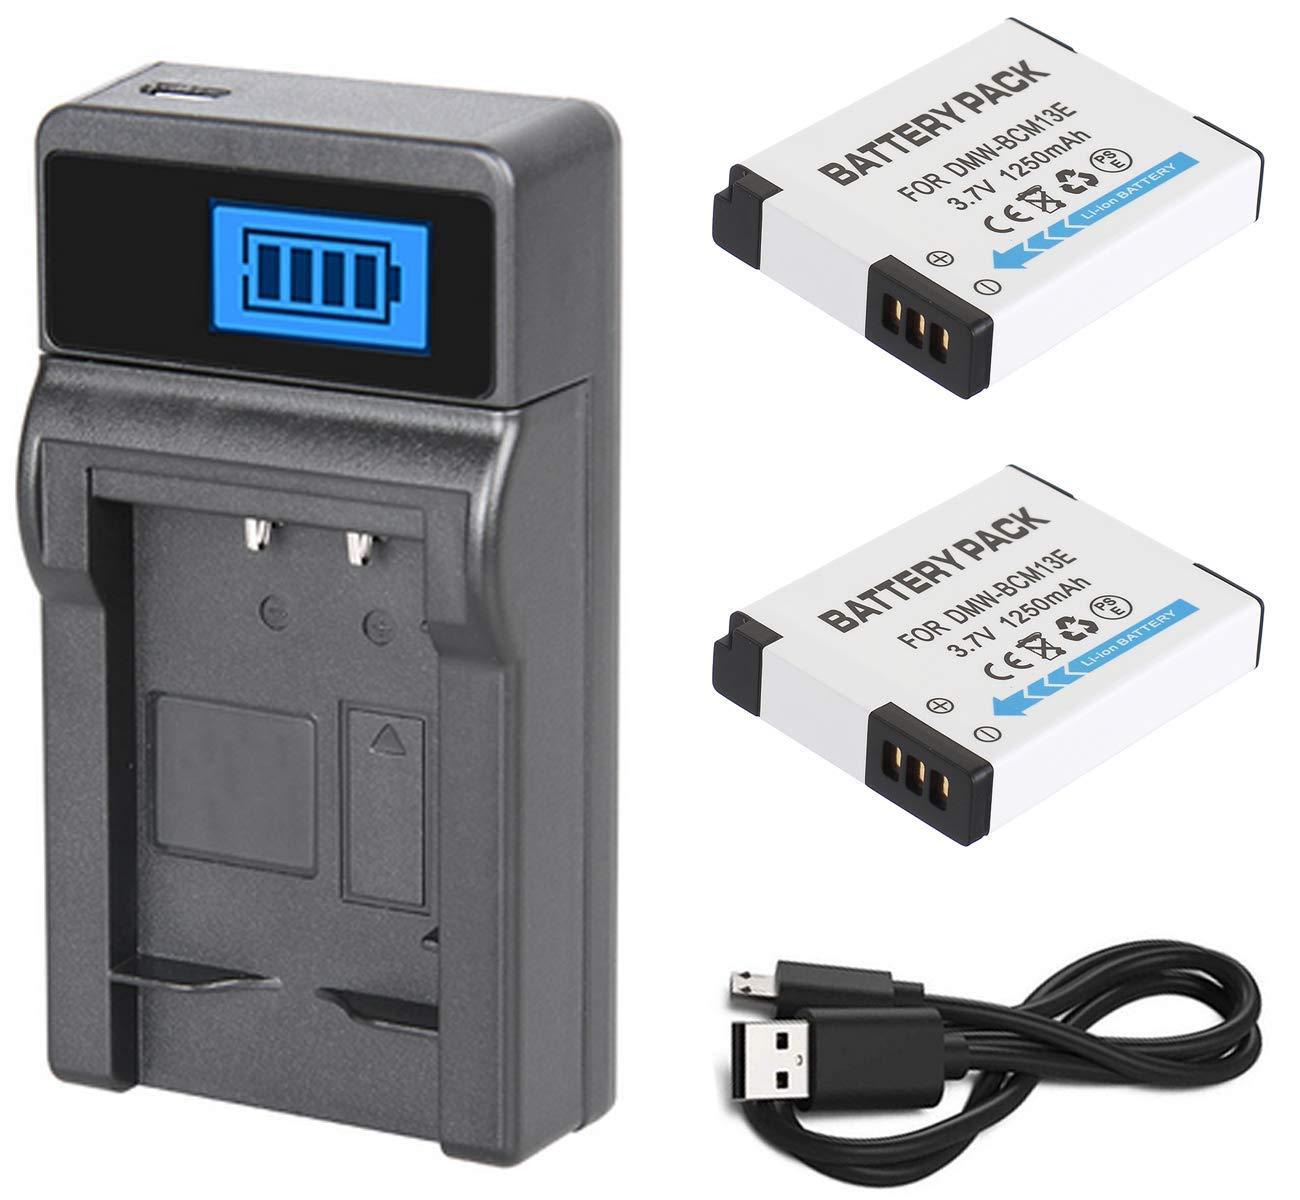 Batería (2 Unidades) y Cargador USB LCD para cámara Digital ...